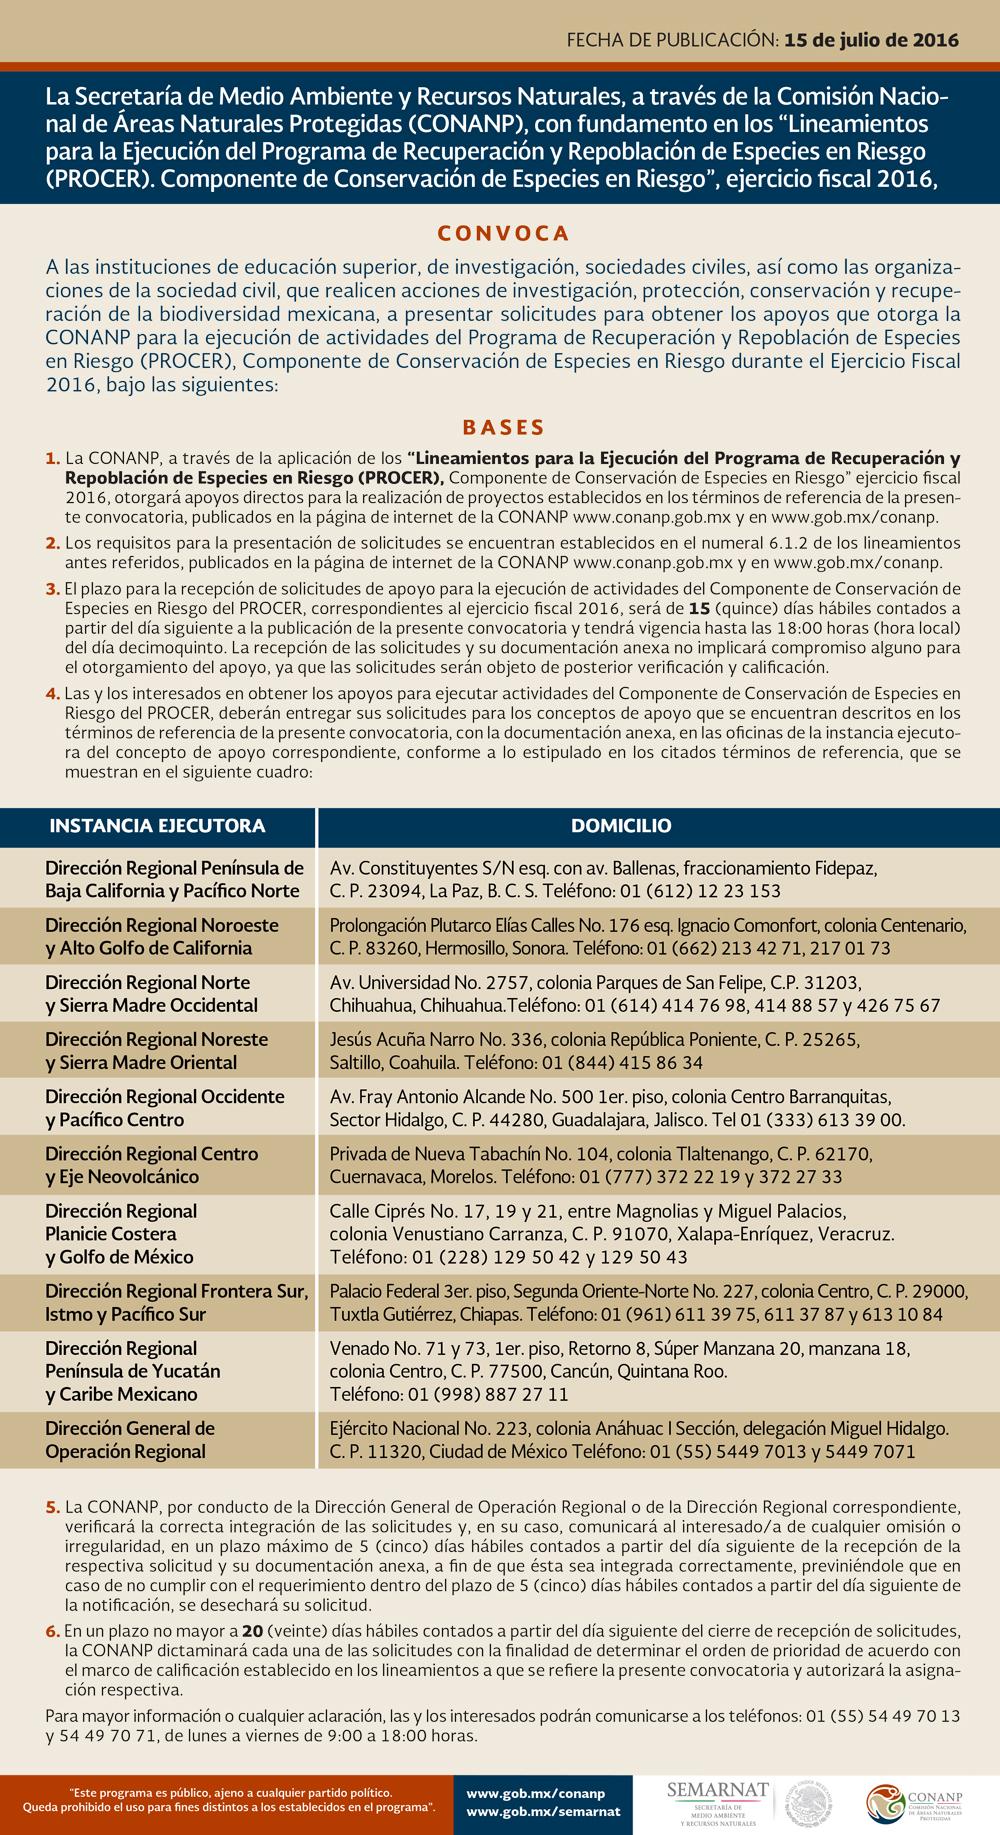 CONVOCATORIA: Programa de Recuperación y Repoblación de Especies en Riesgo (PROCER)